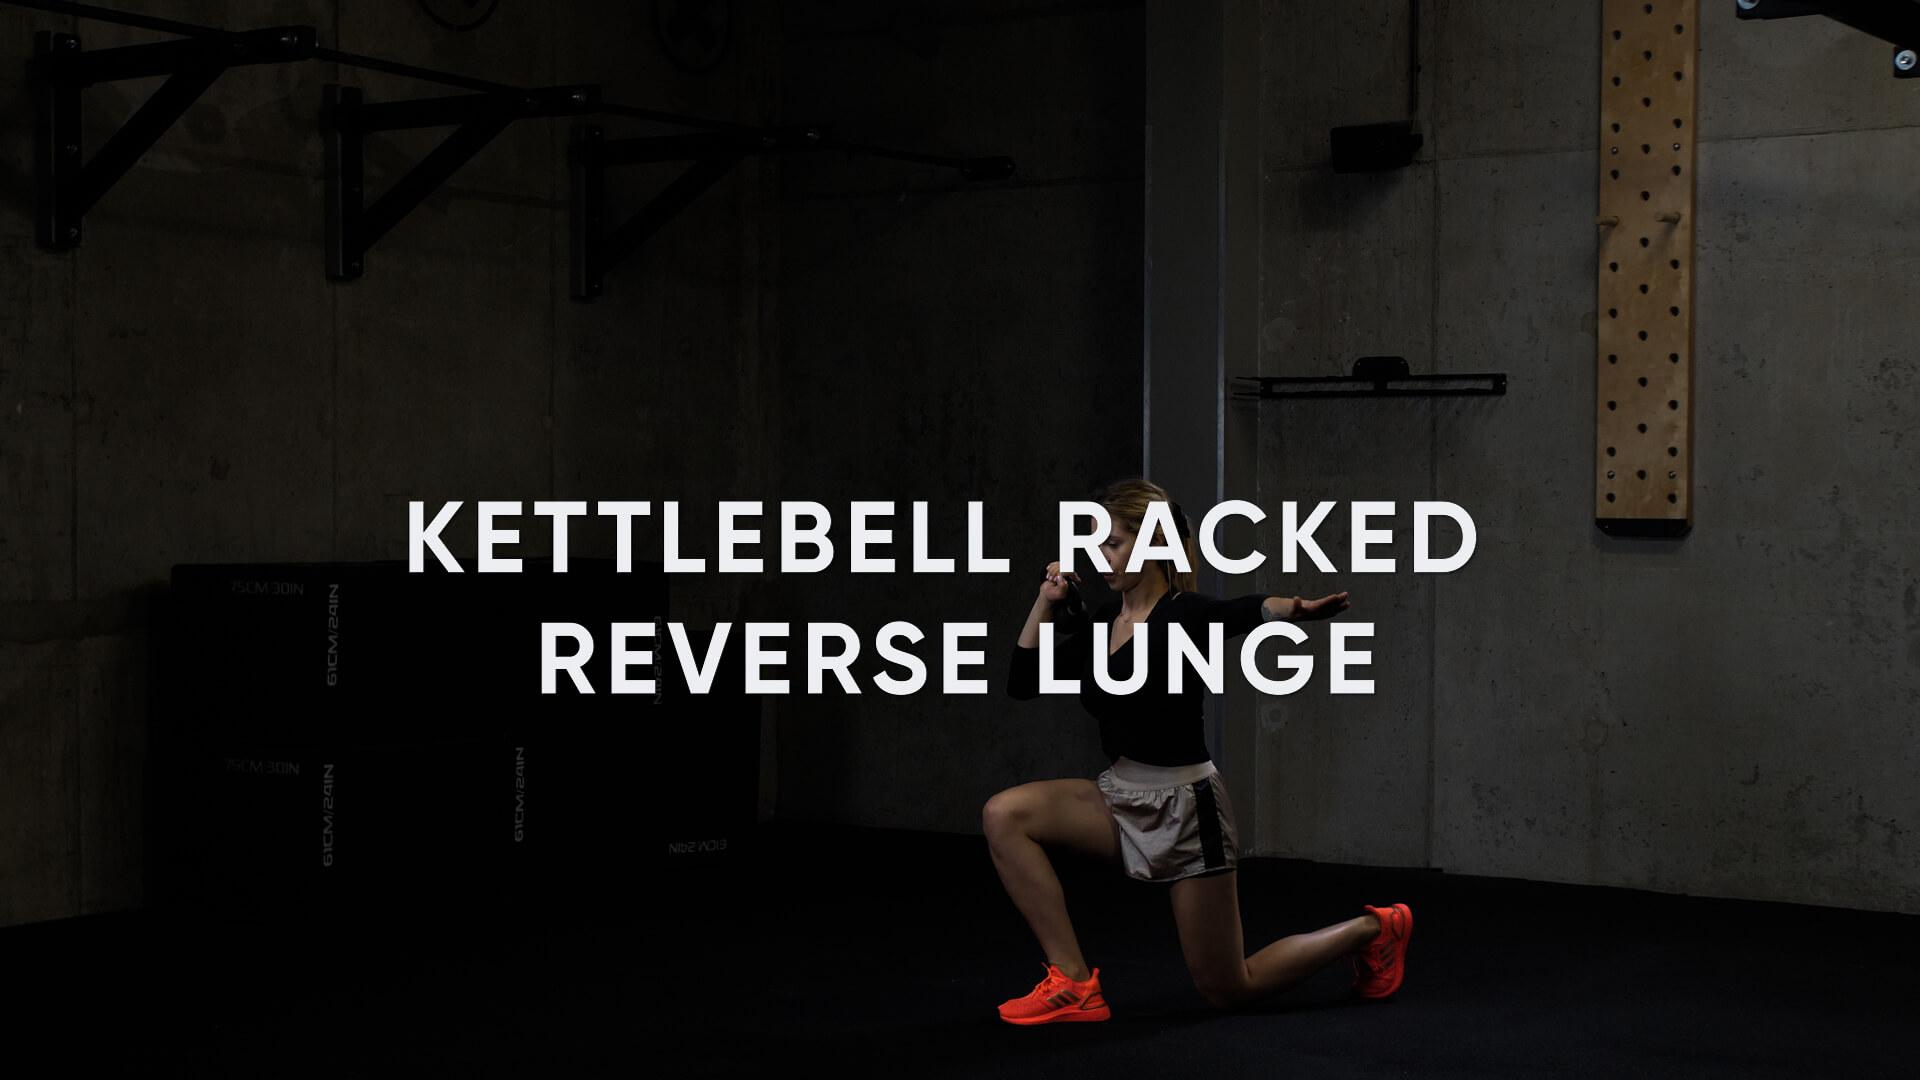 Kettlebell Racked Reverse Lunge